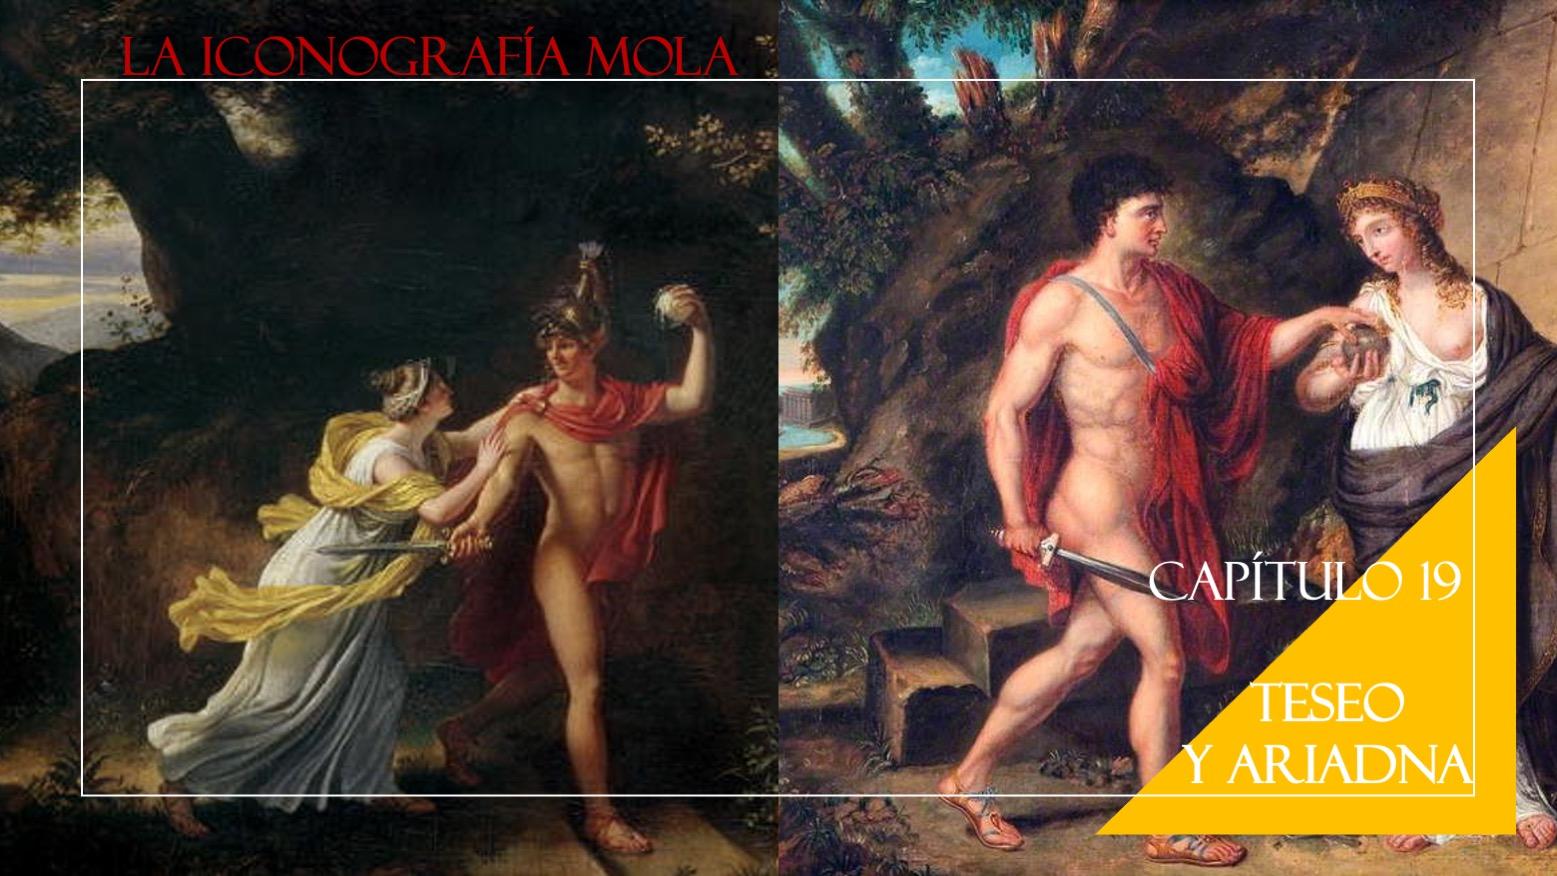 La Iconografía Mola- Cap. 19: Teseo y Ariadna